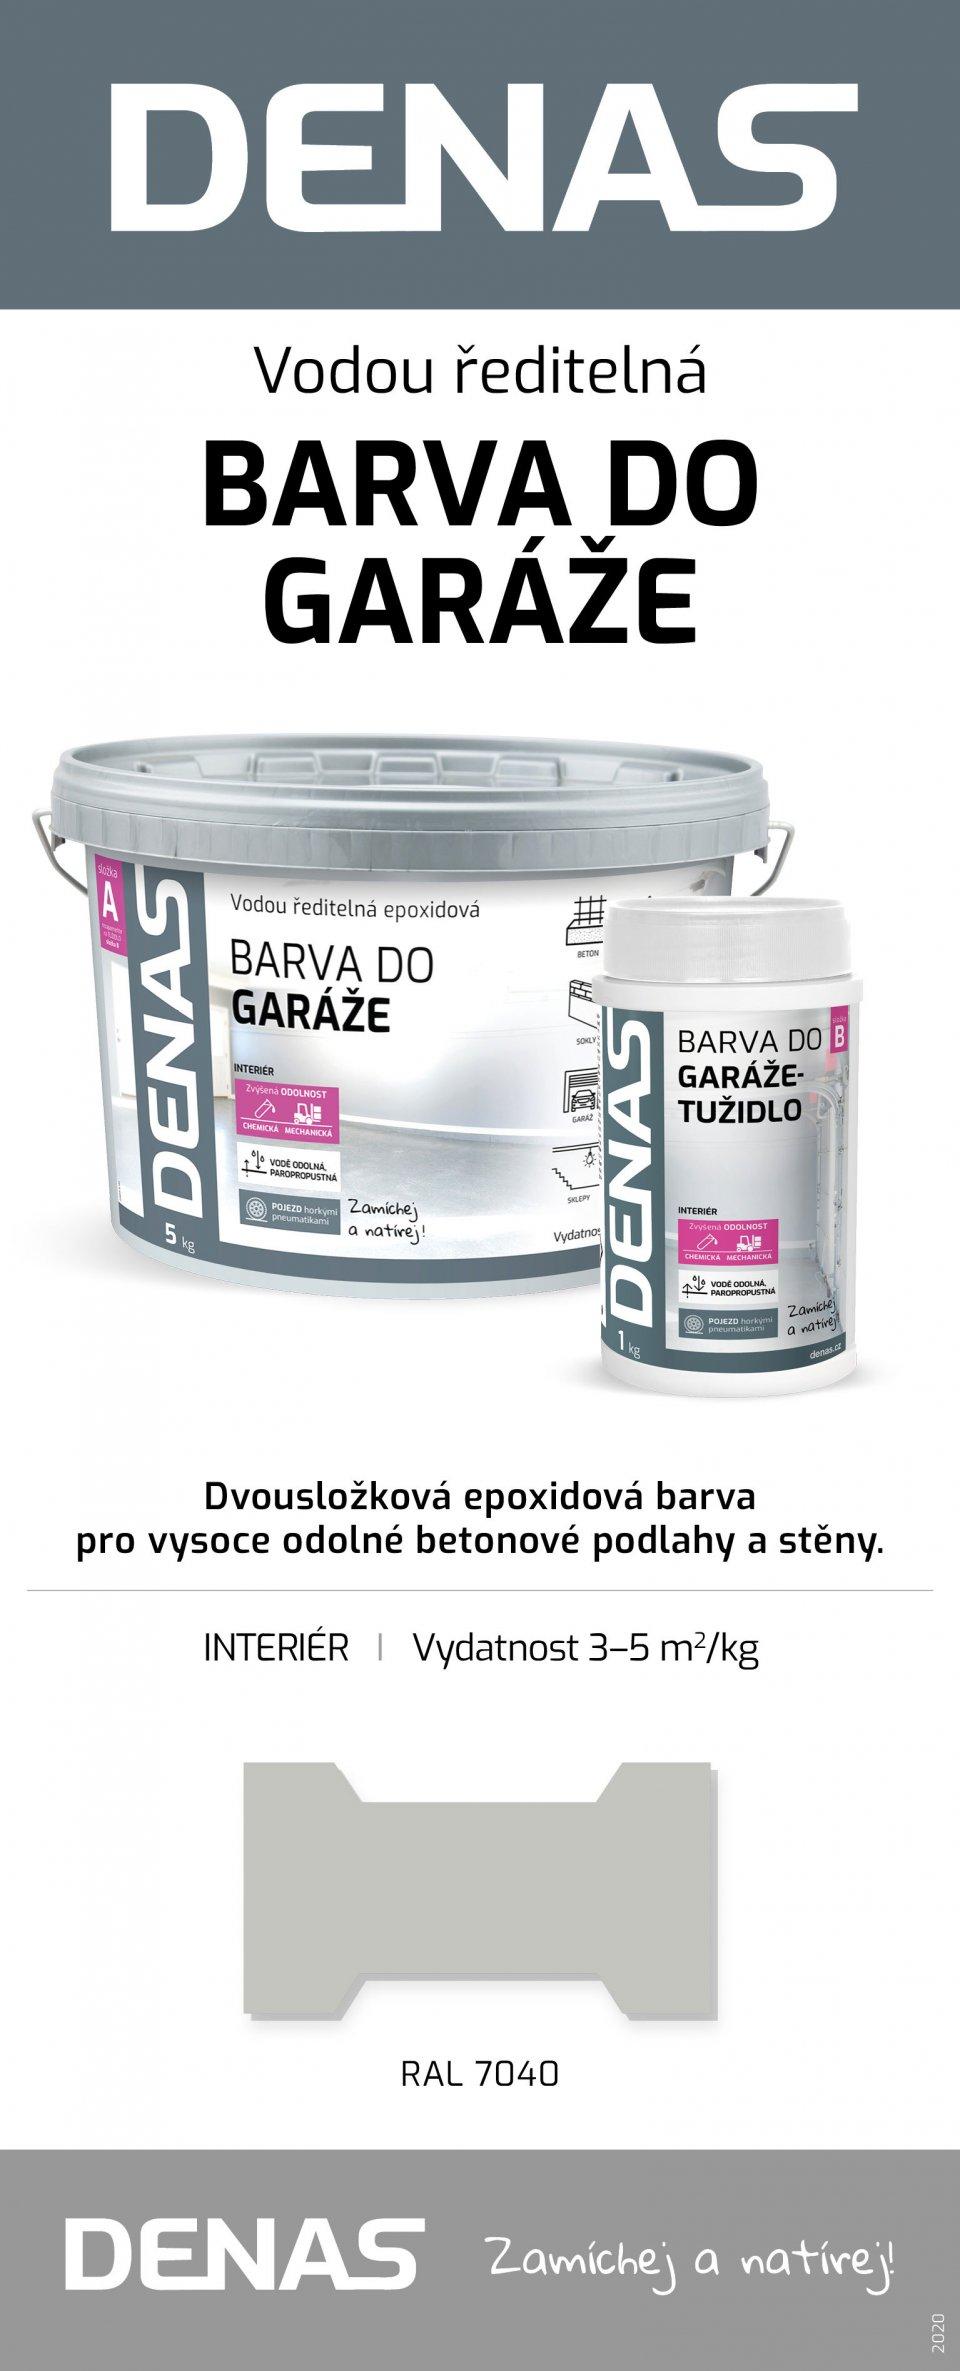 DENAS GARÁŽ - epoxidová 2 zložková farba na podlahu